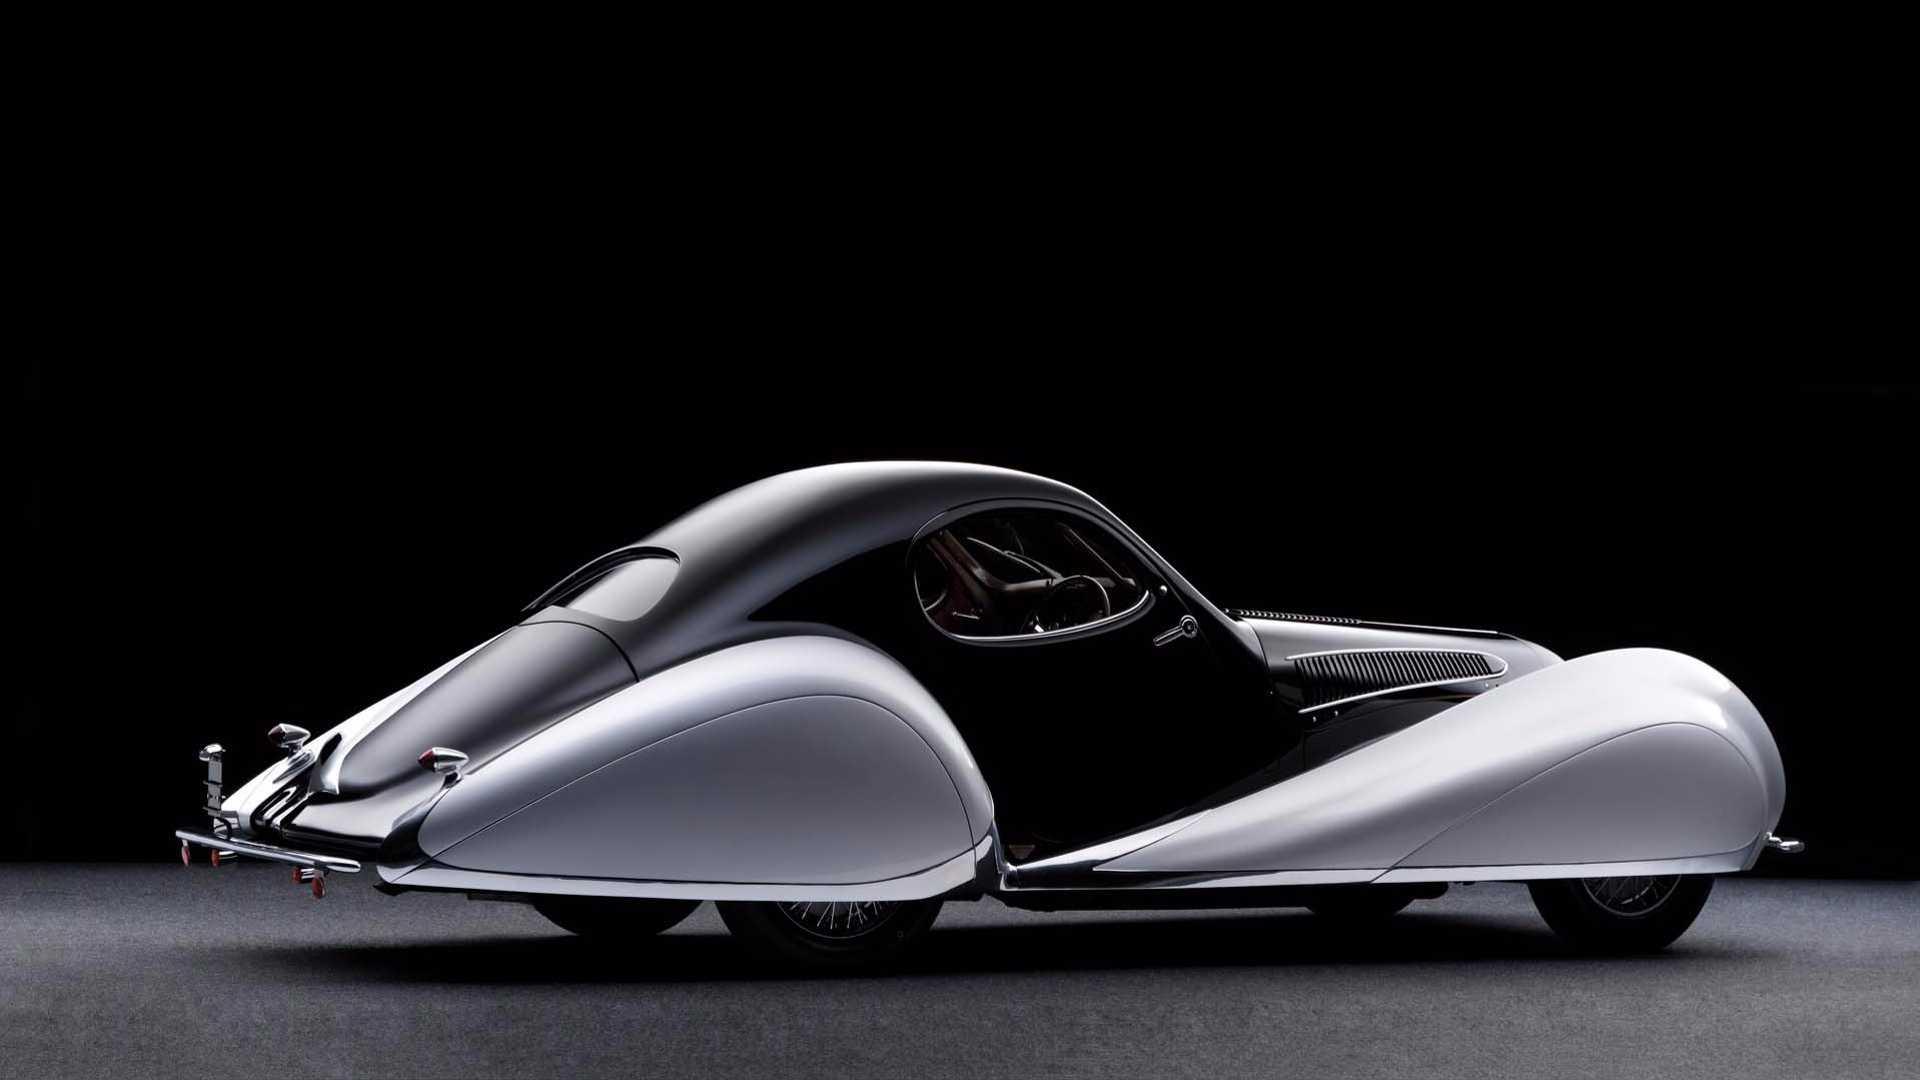 1937_Talbot-Lago_T150-C_SS_Teardrop_11